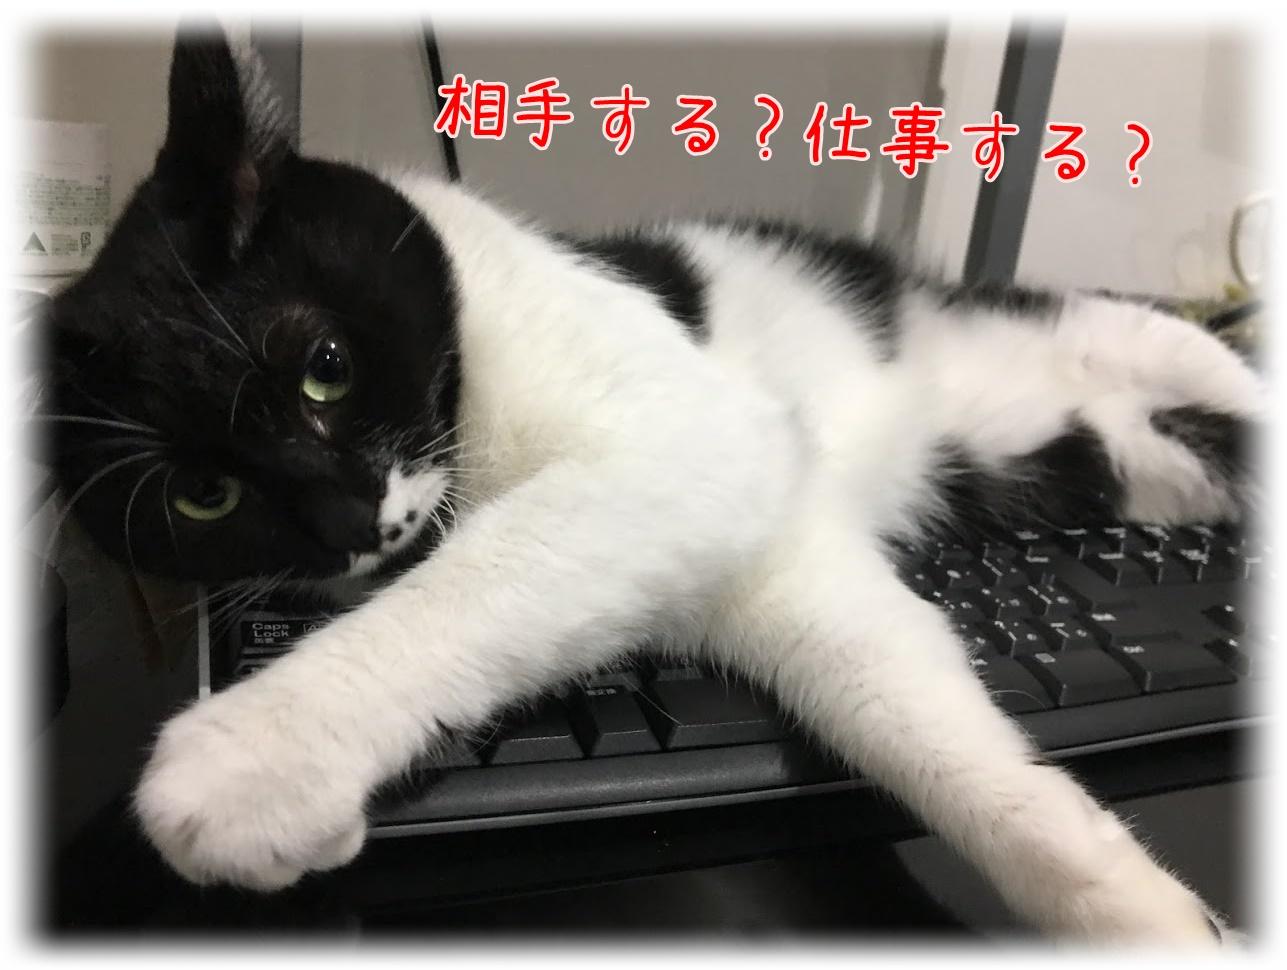 構ってほしい?邪魔したい?意外と複雑な猫のきもち